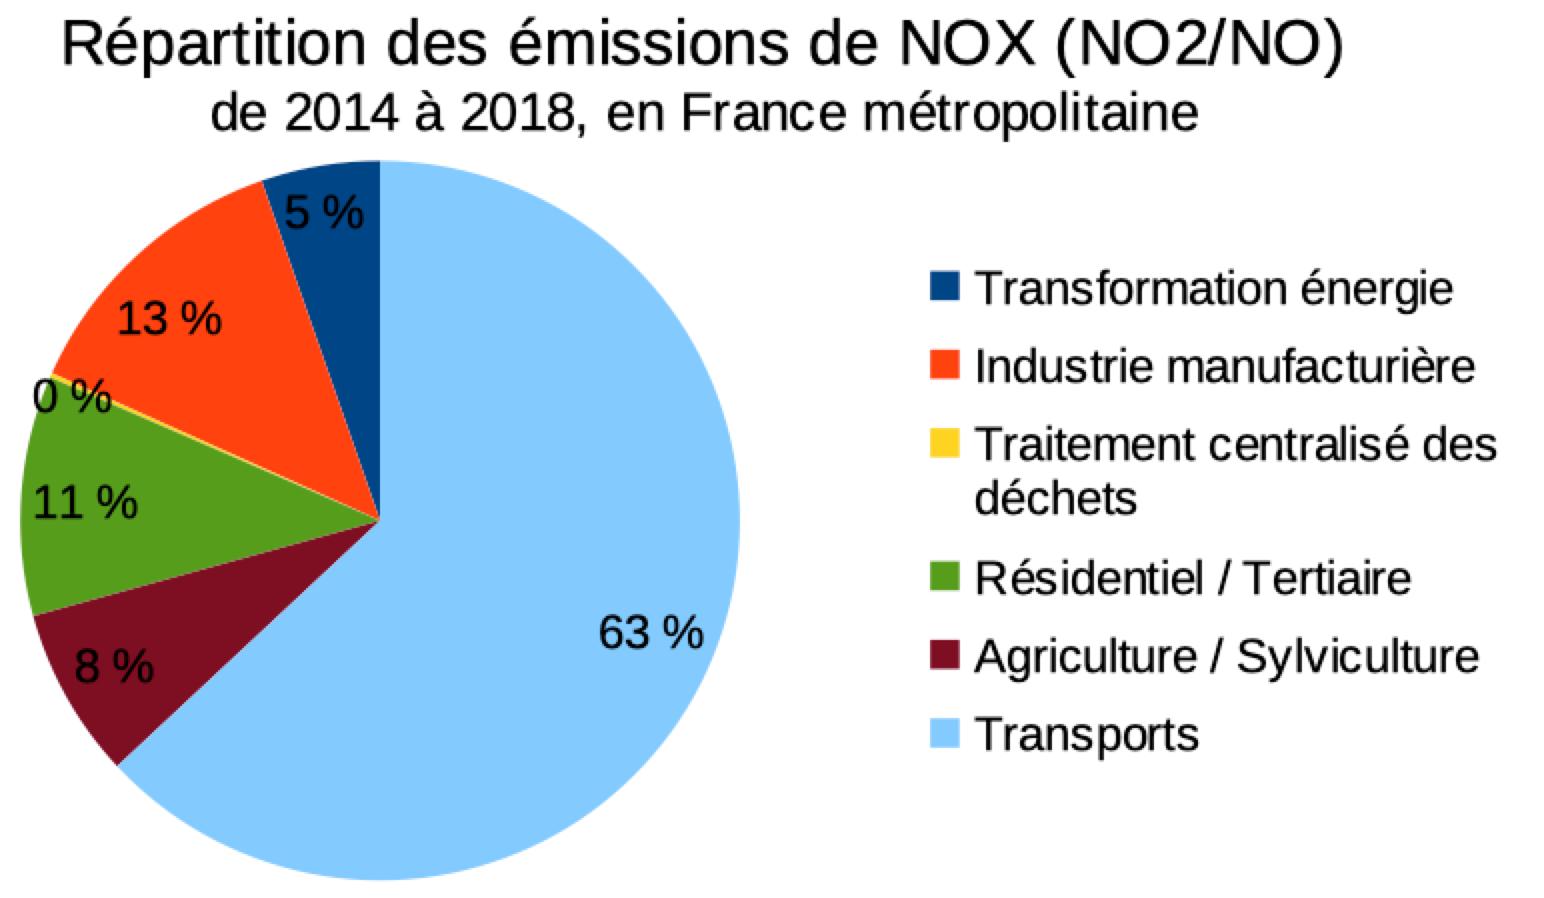 Repartition des emissions de nox